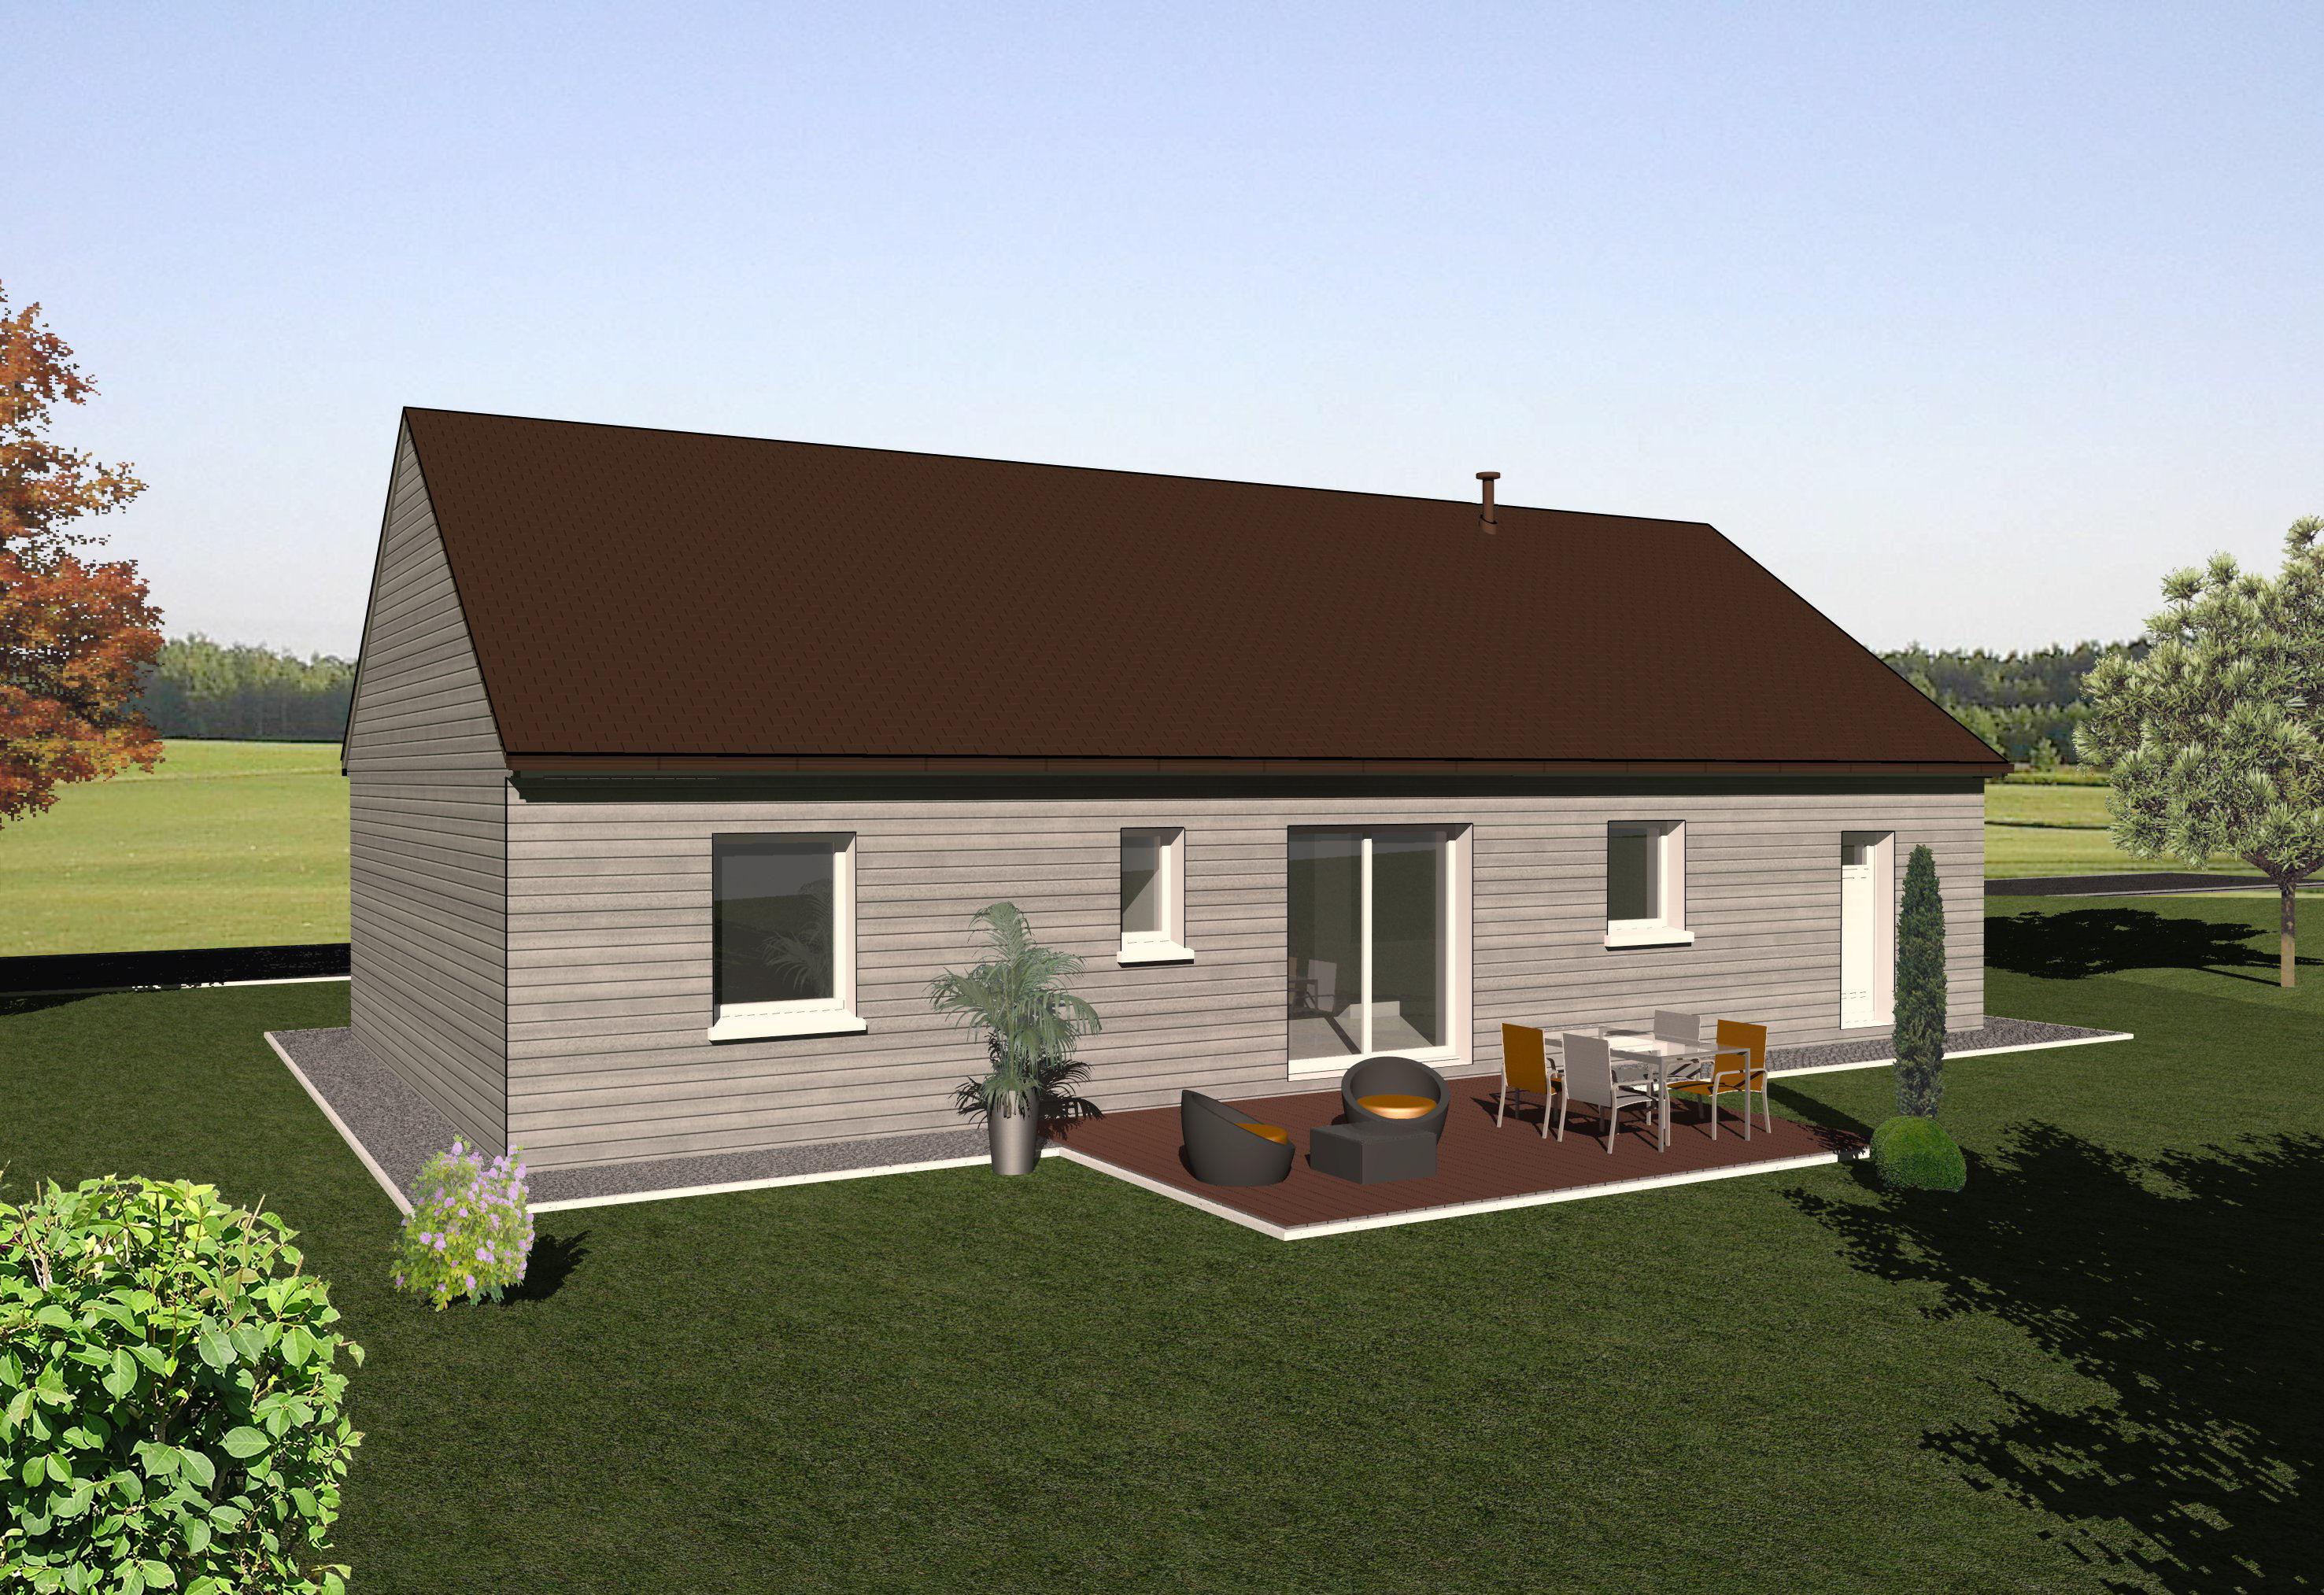 Les maisons ossature bois de plain pied mod le red for Modele maison ossature bois